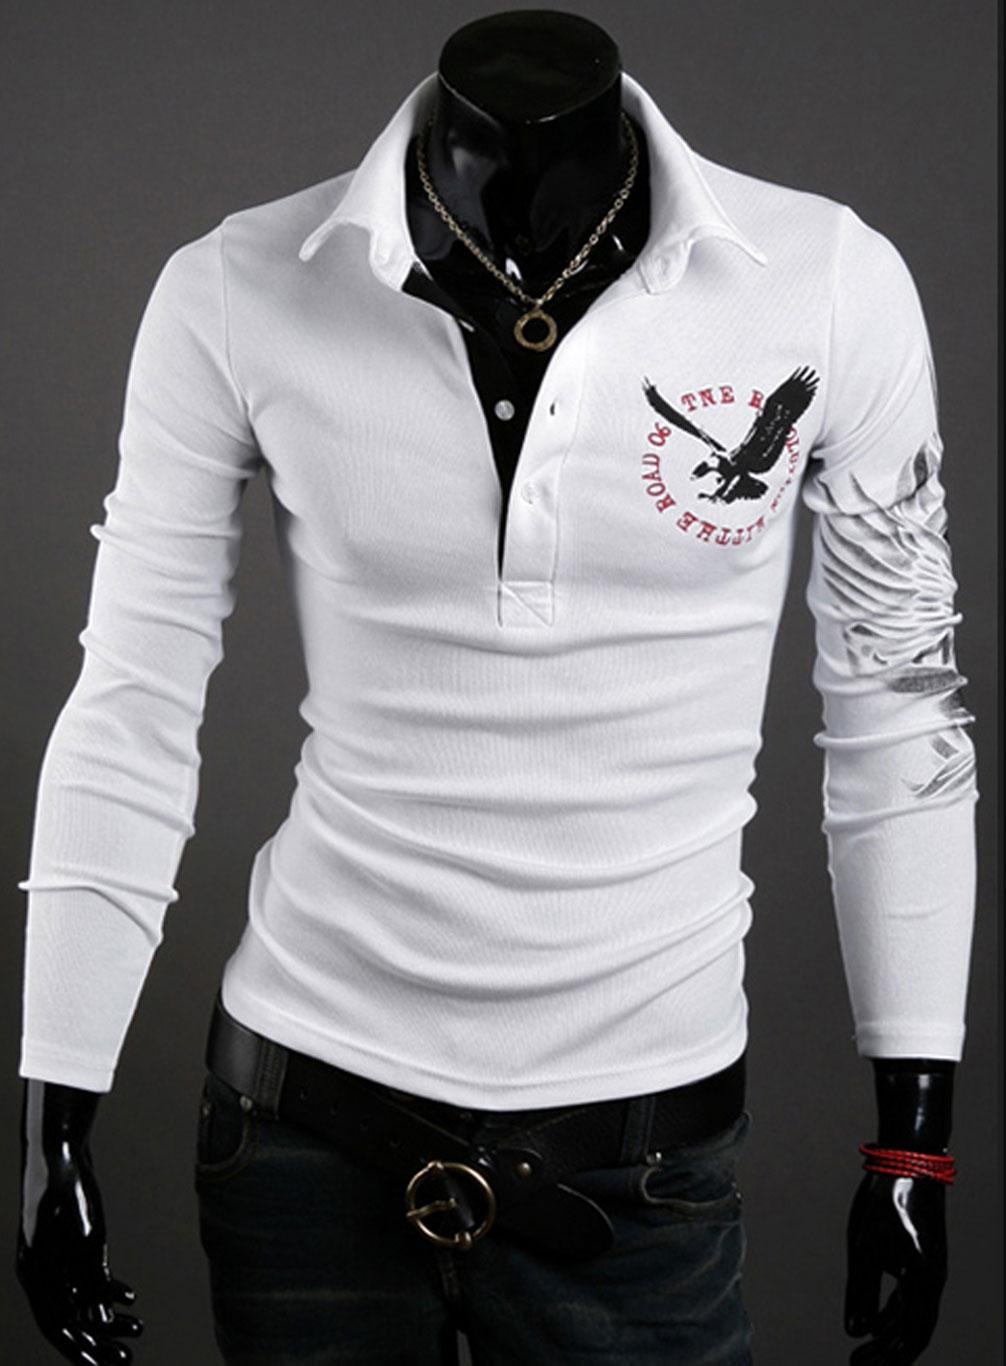 Фото мужчина рв т на себе рубашку 3